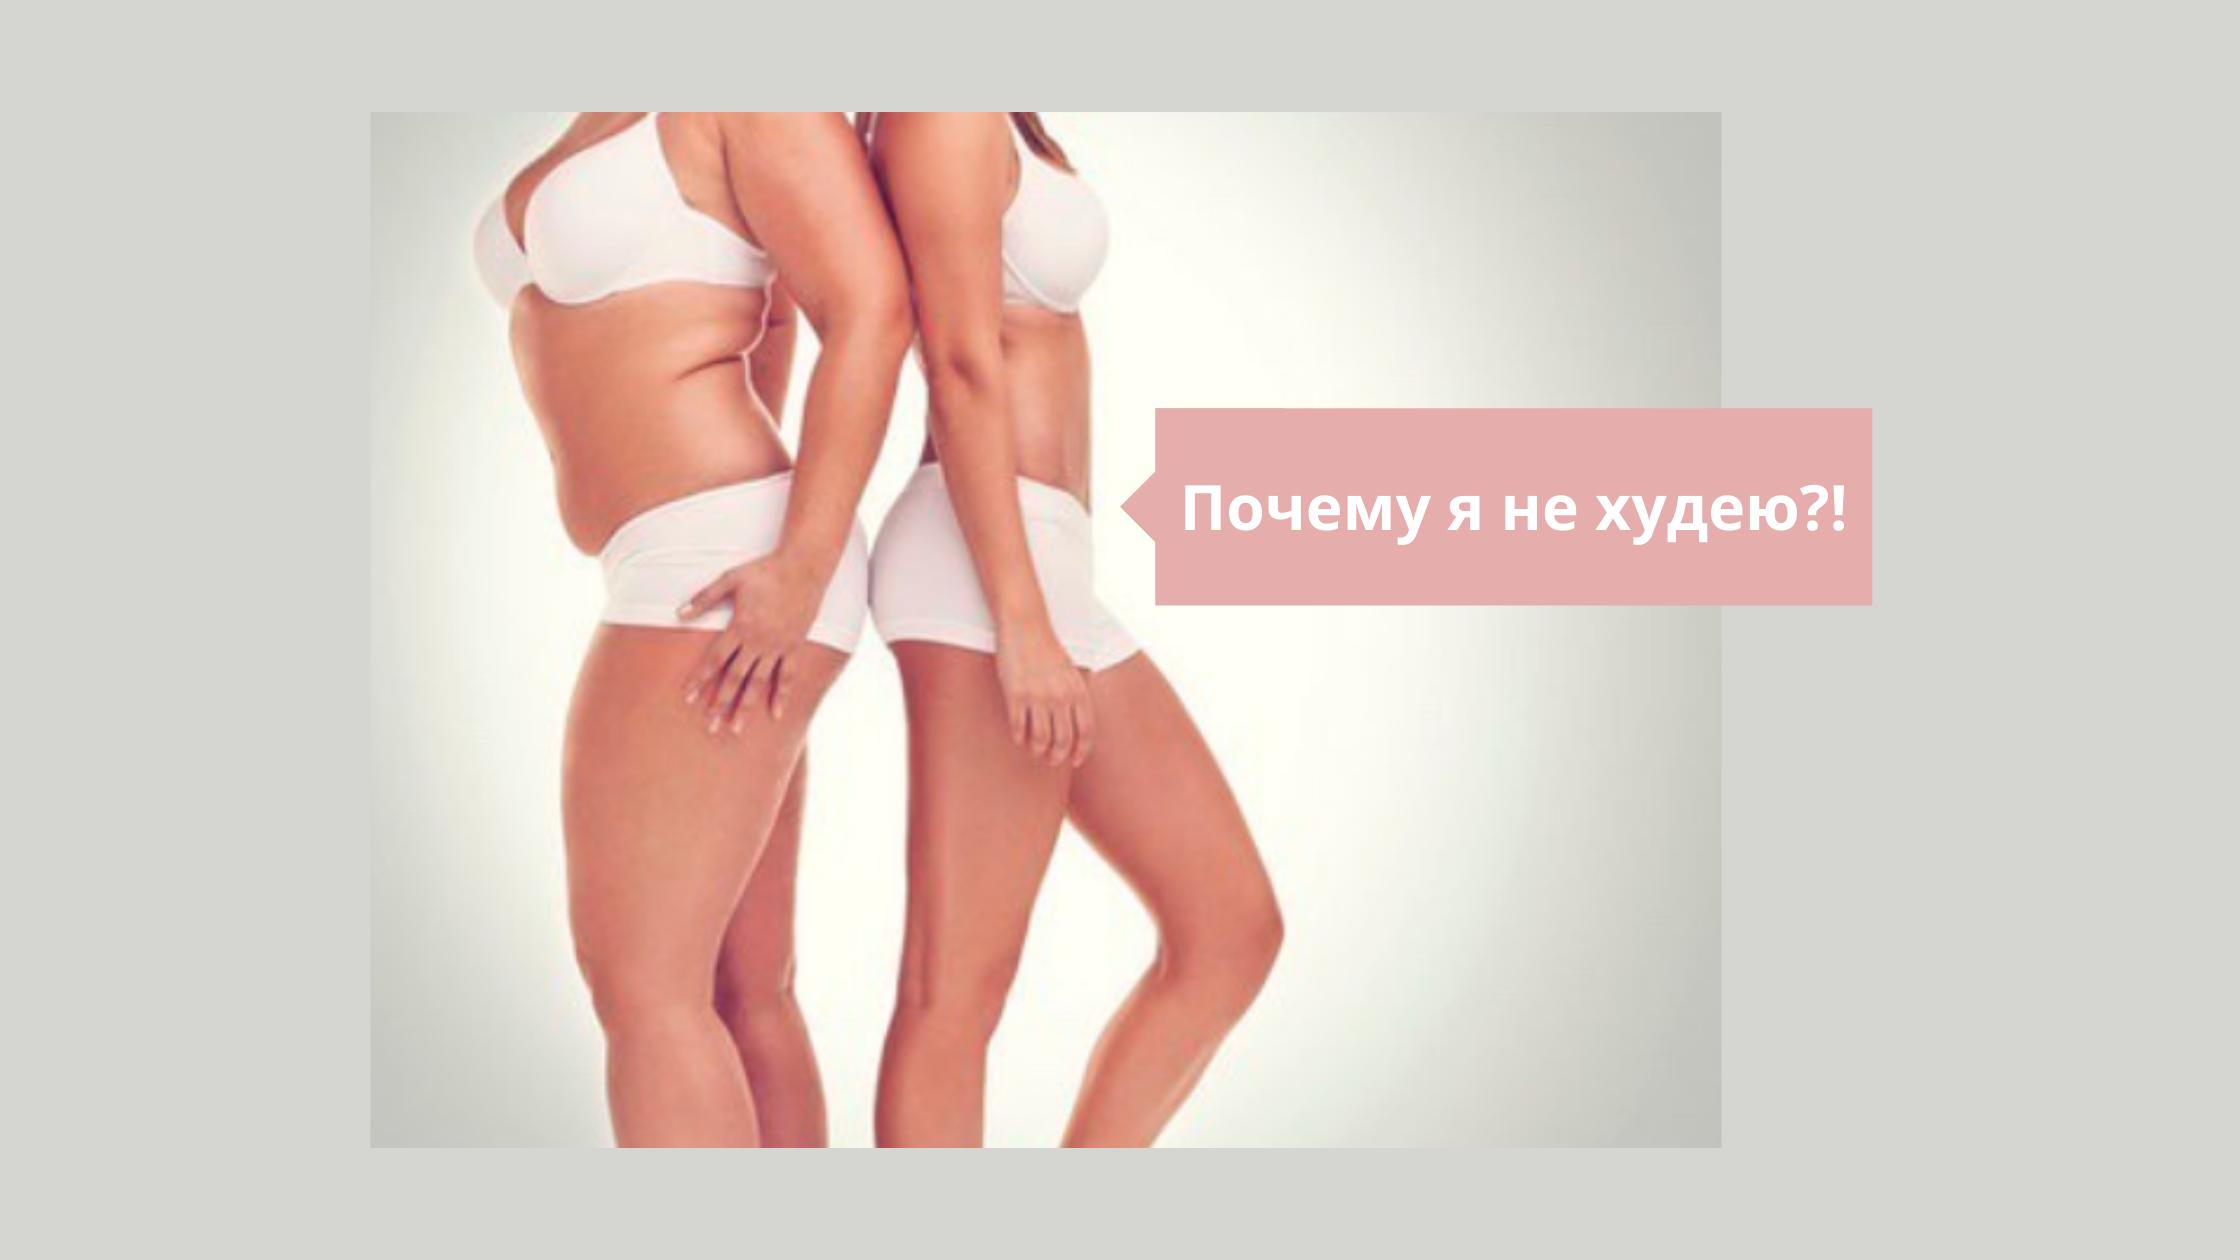 как похудеть - русский психолог нюрнберг